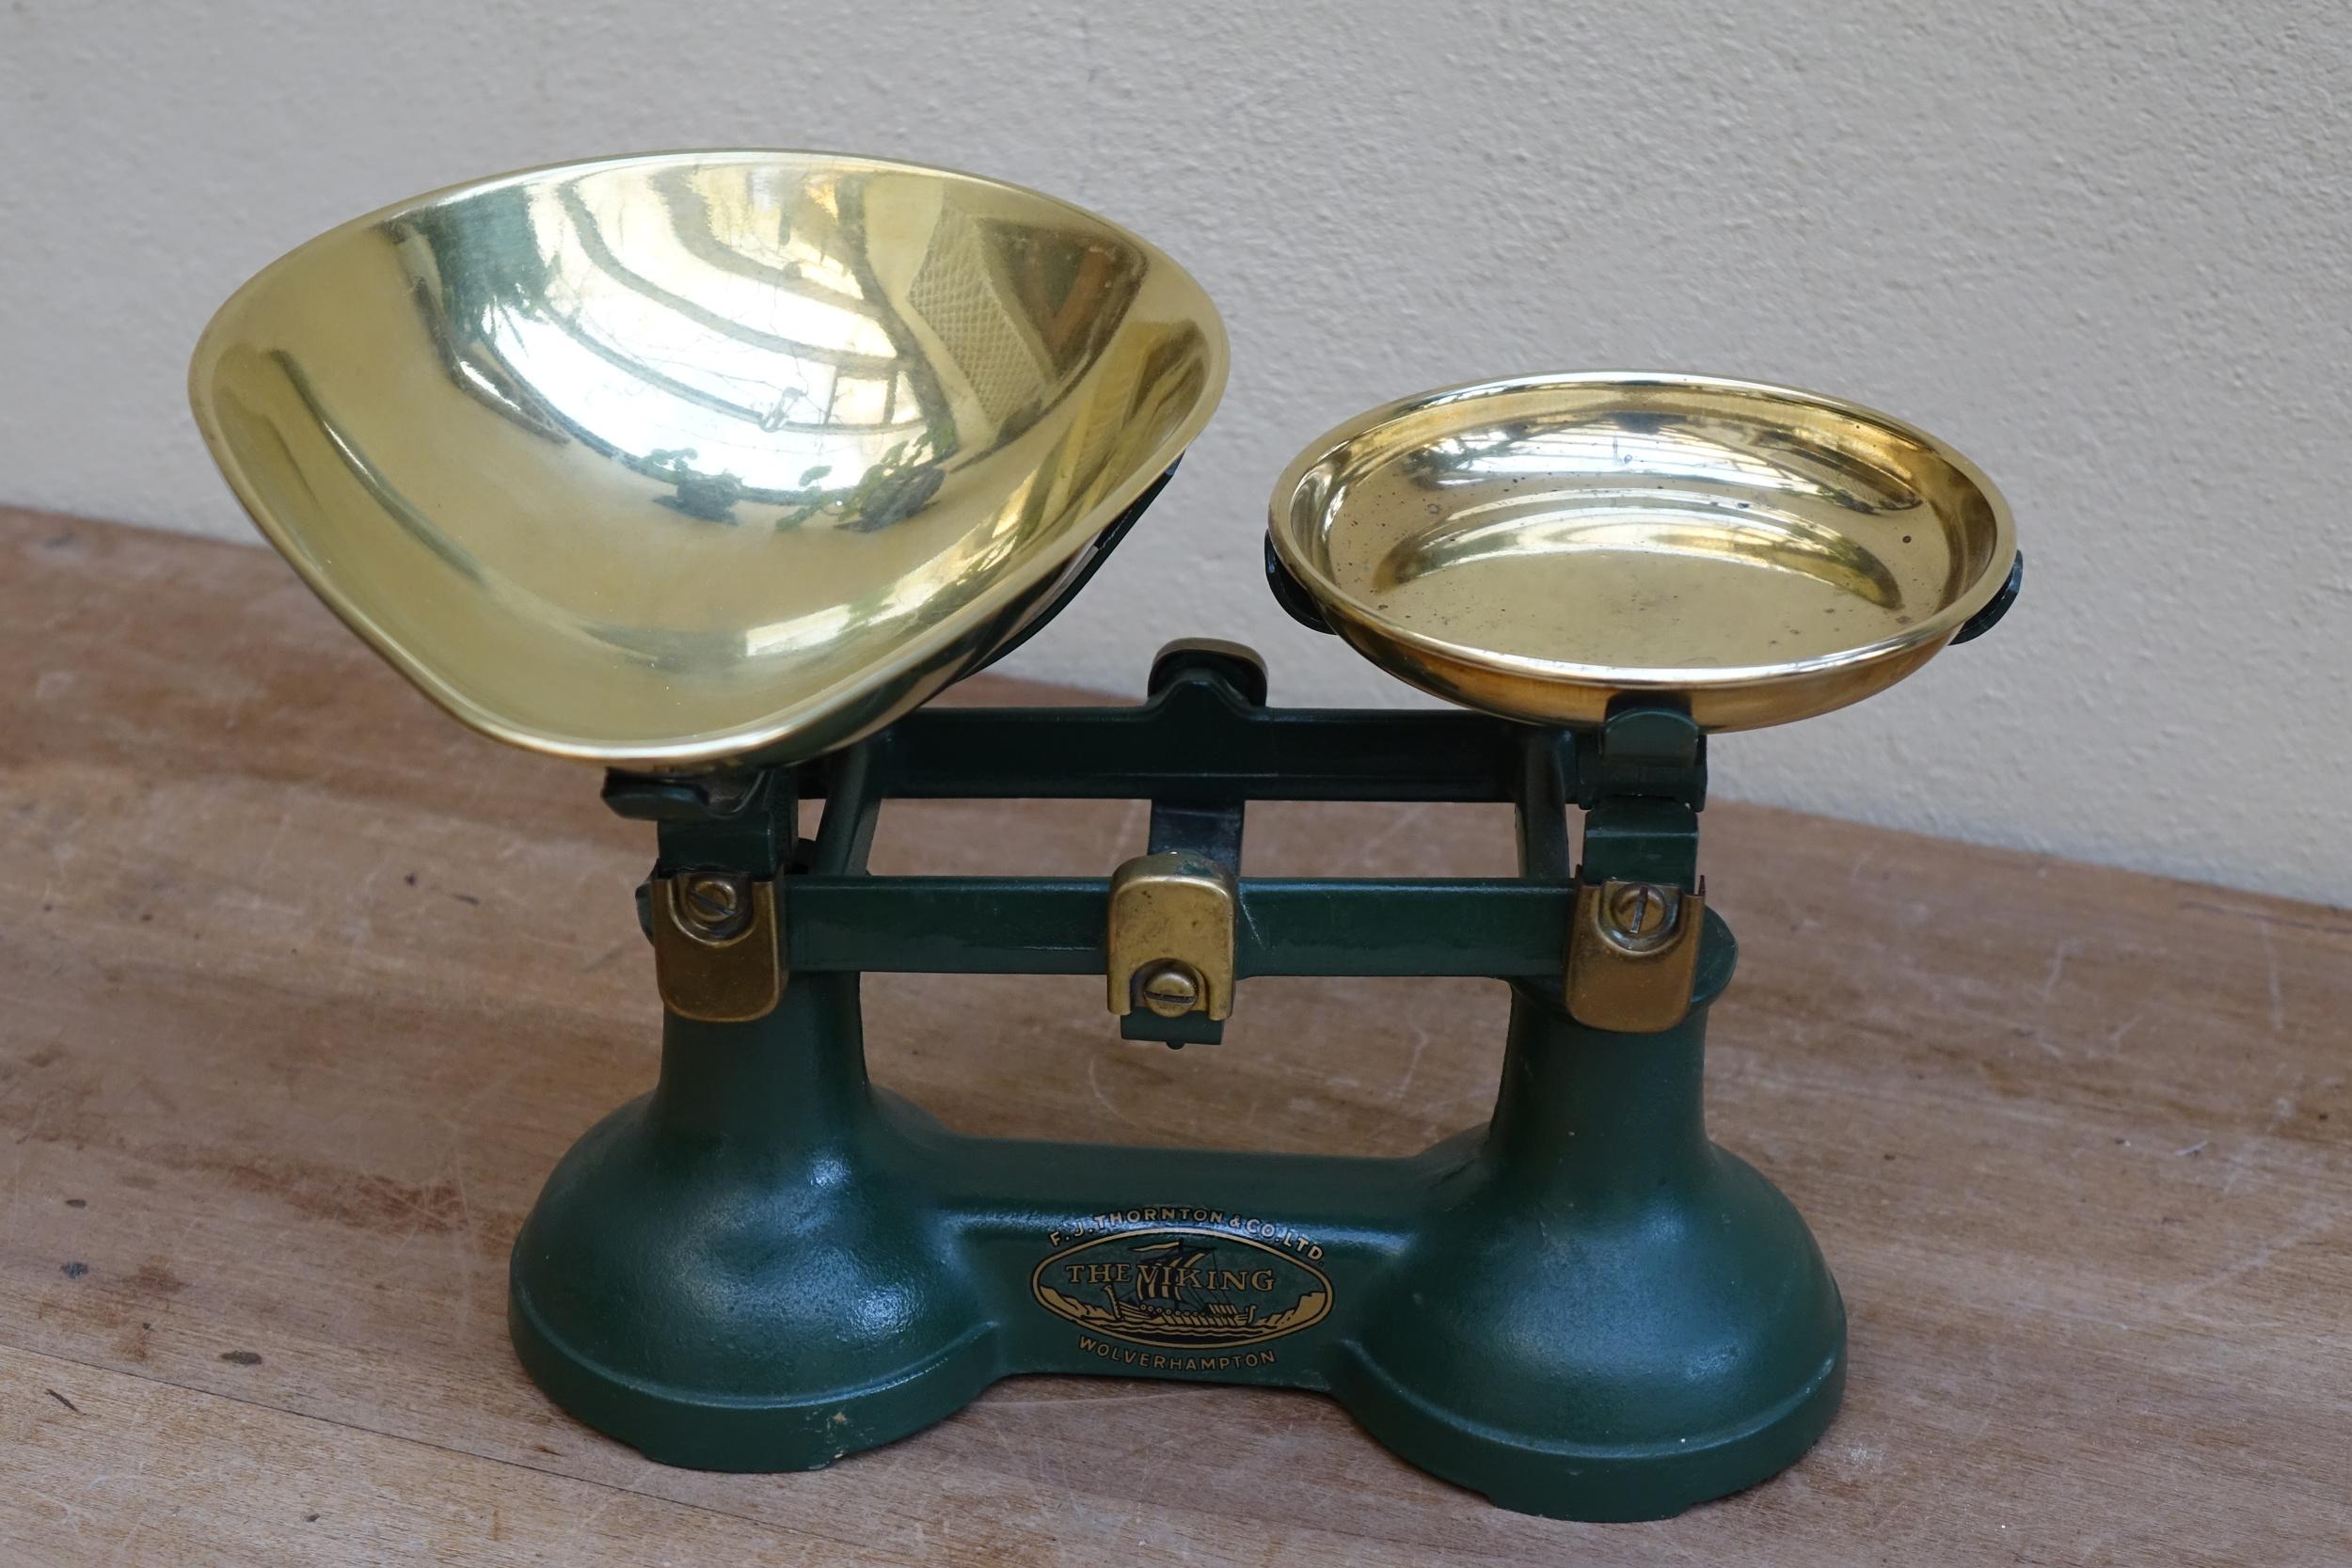 See Vintage Scales